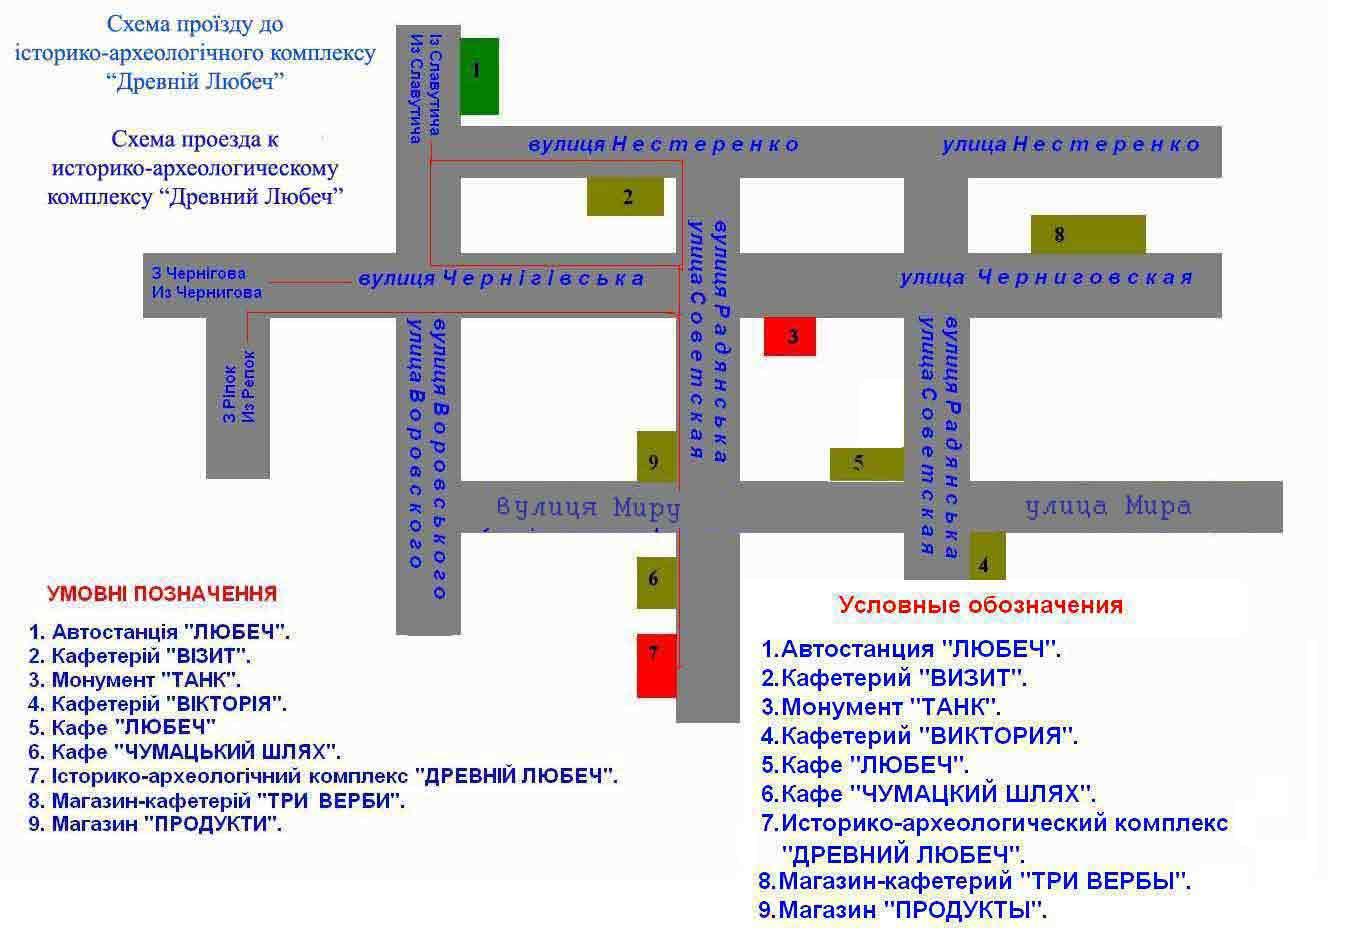 Схема проїзду до історико - археологічного комплексу